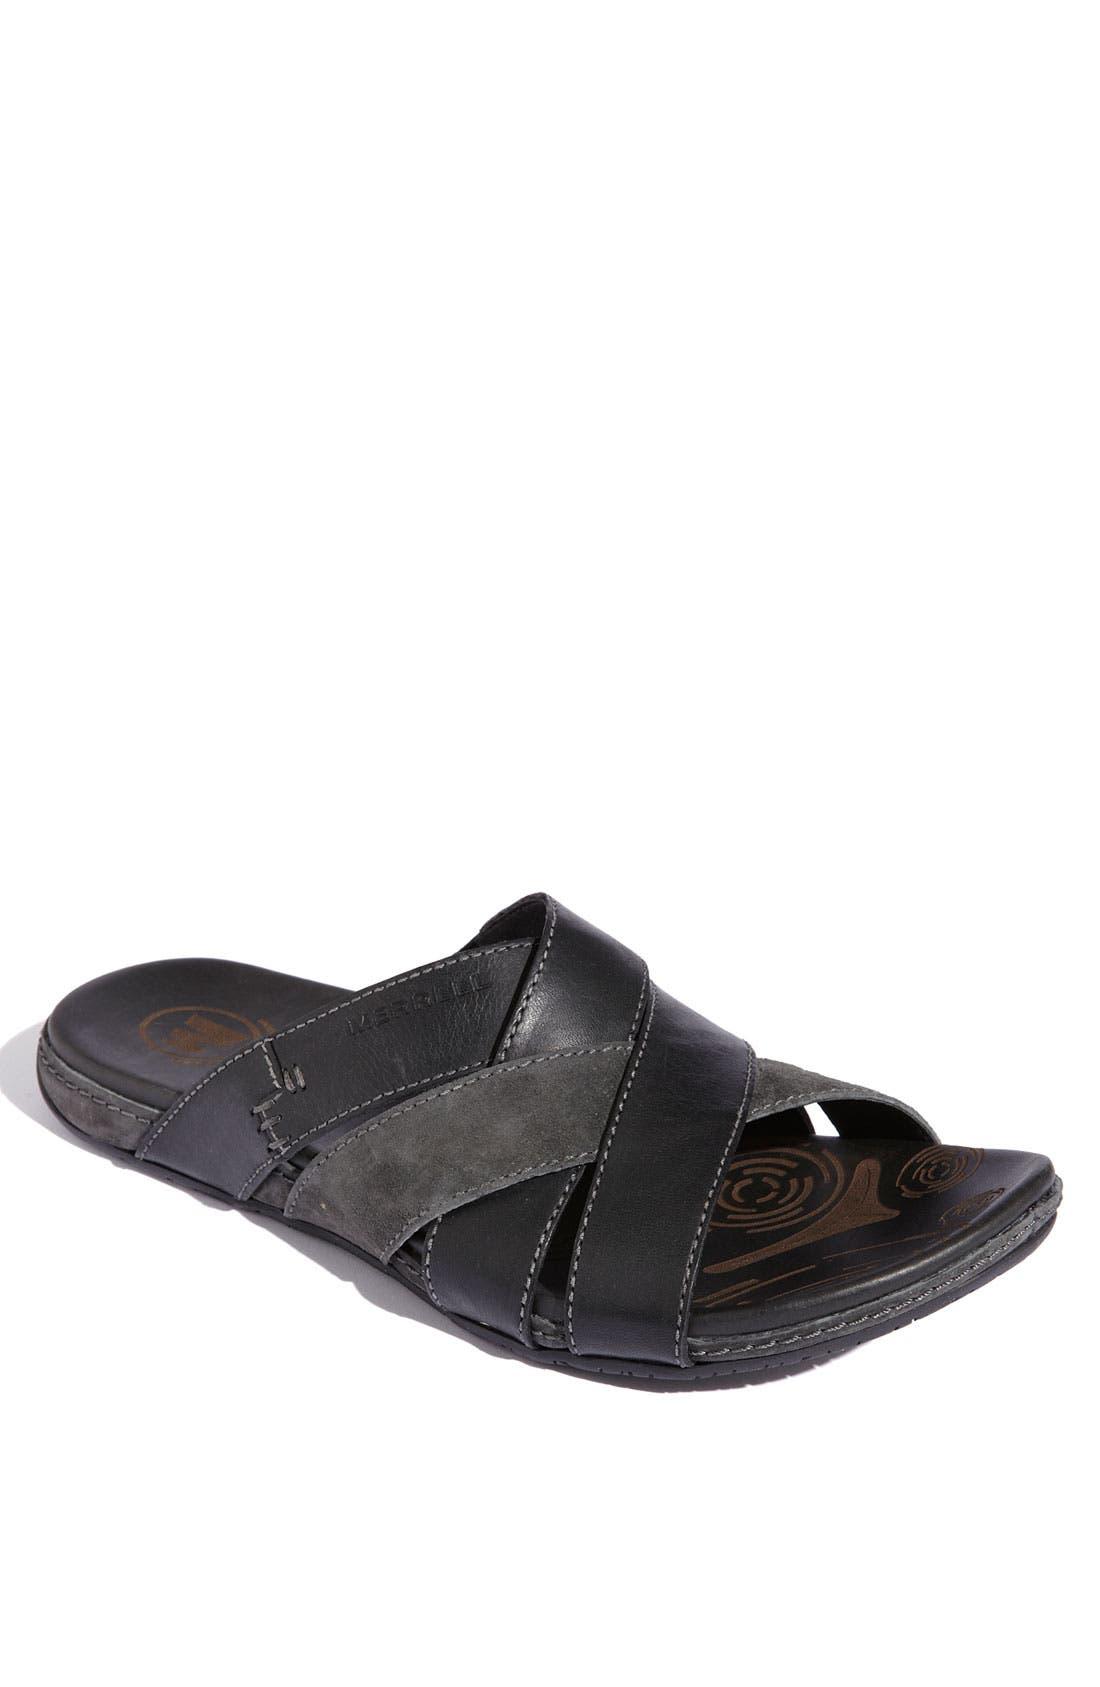 Alternate Image 1 Selected - Merrell 'Arrigo' Sandal